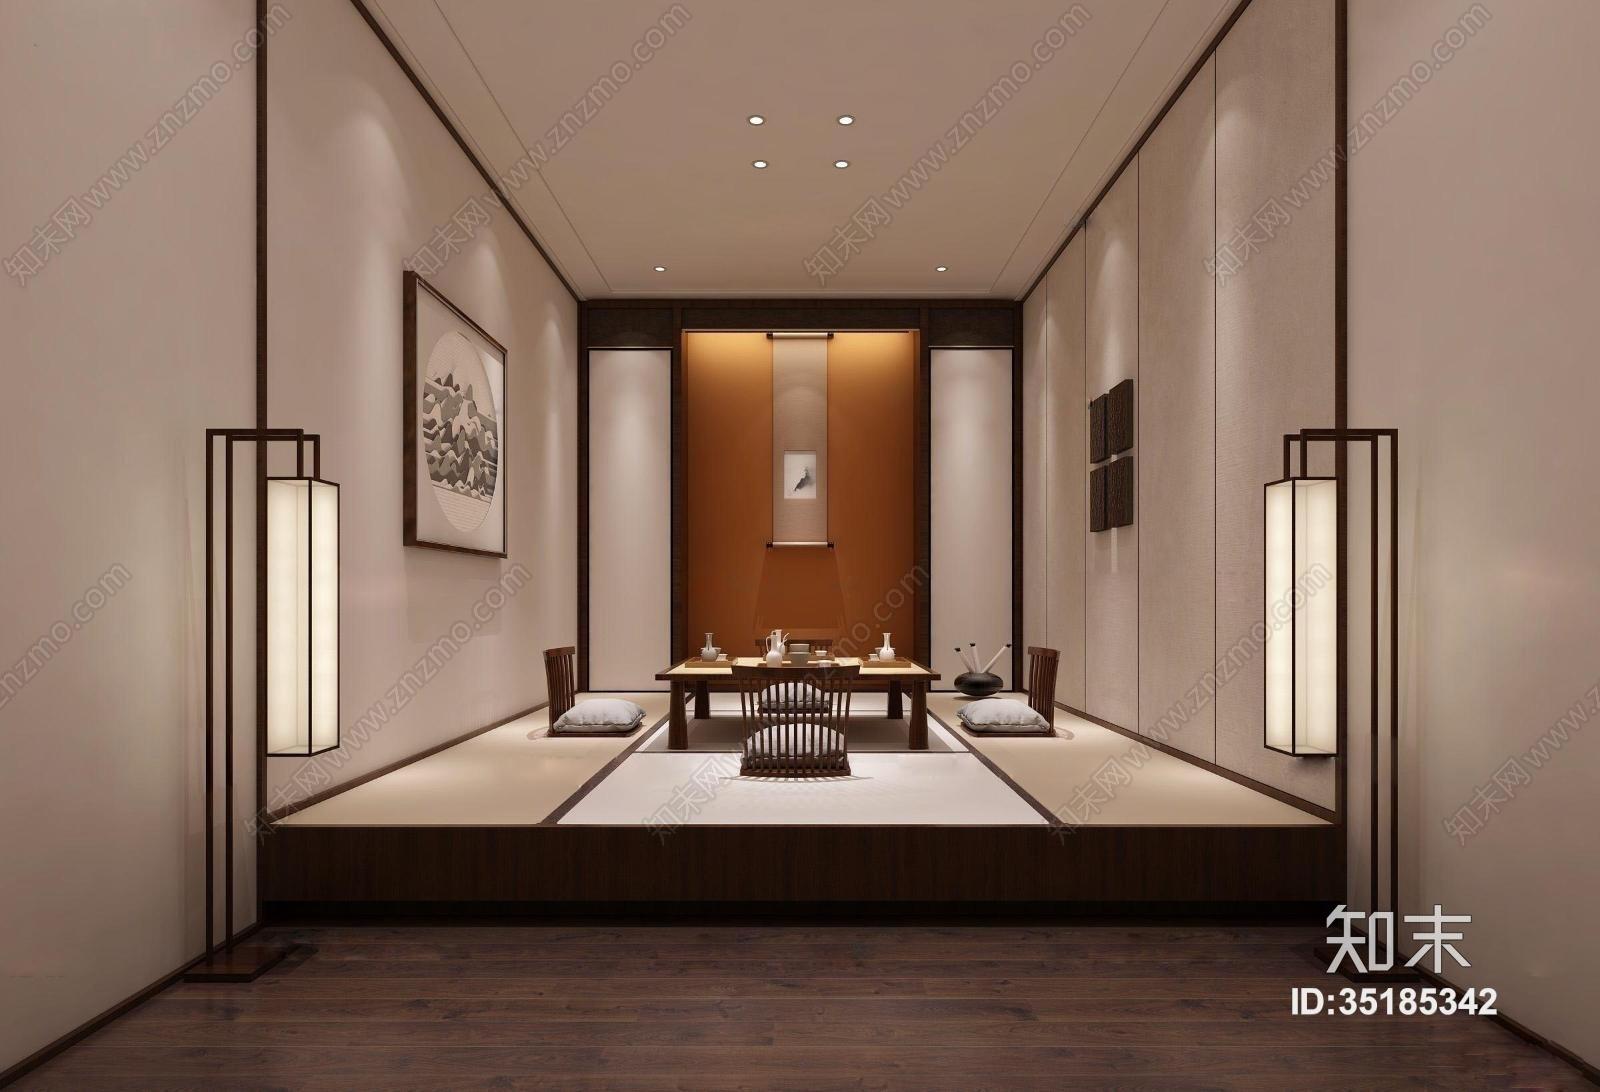 日式禅意榻榻米茶室3D模型